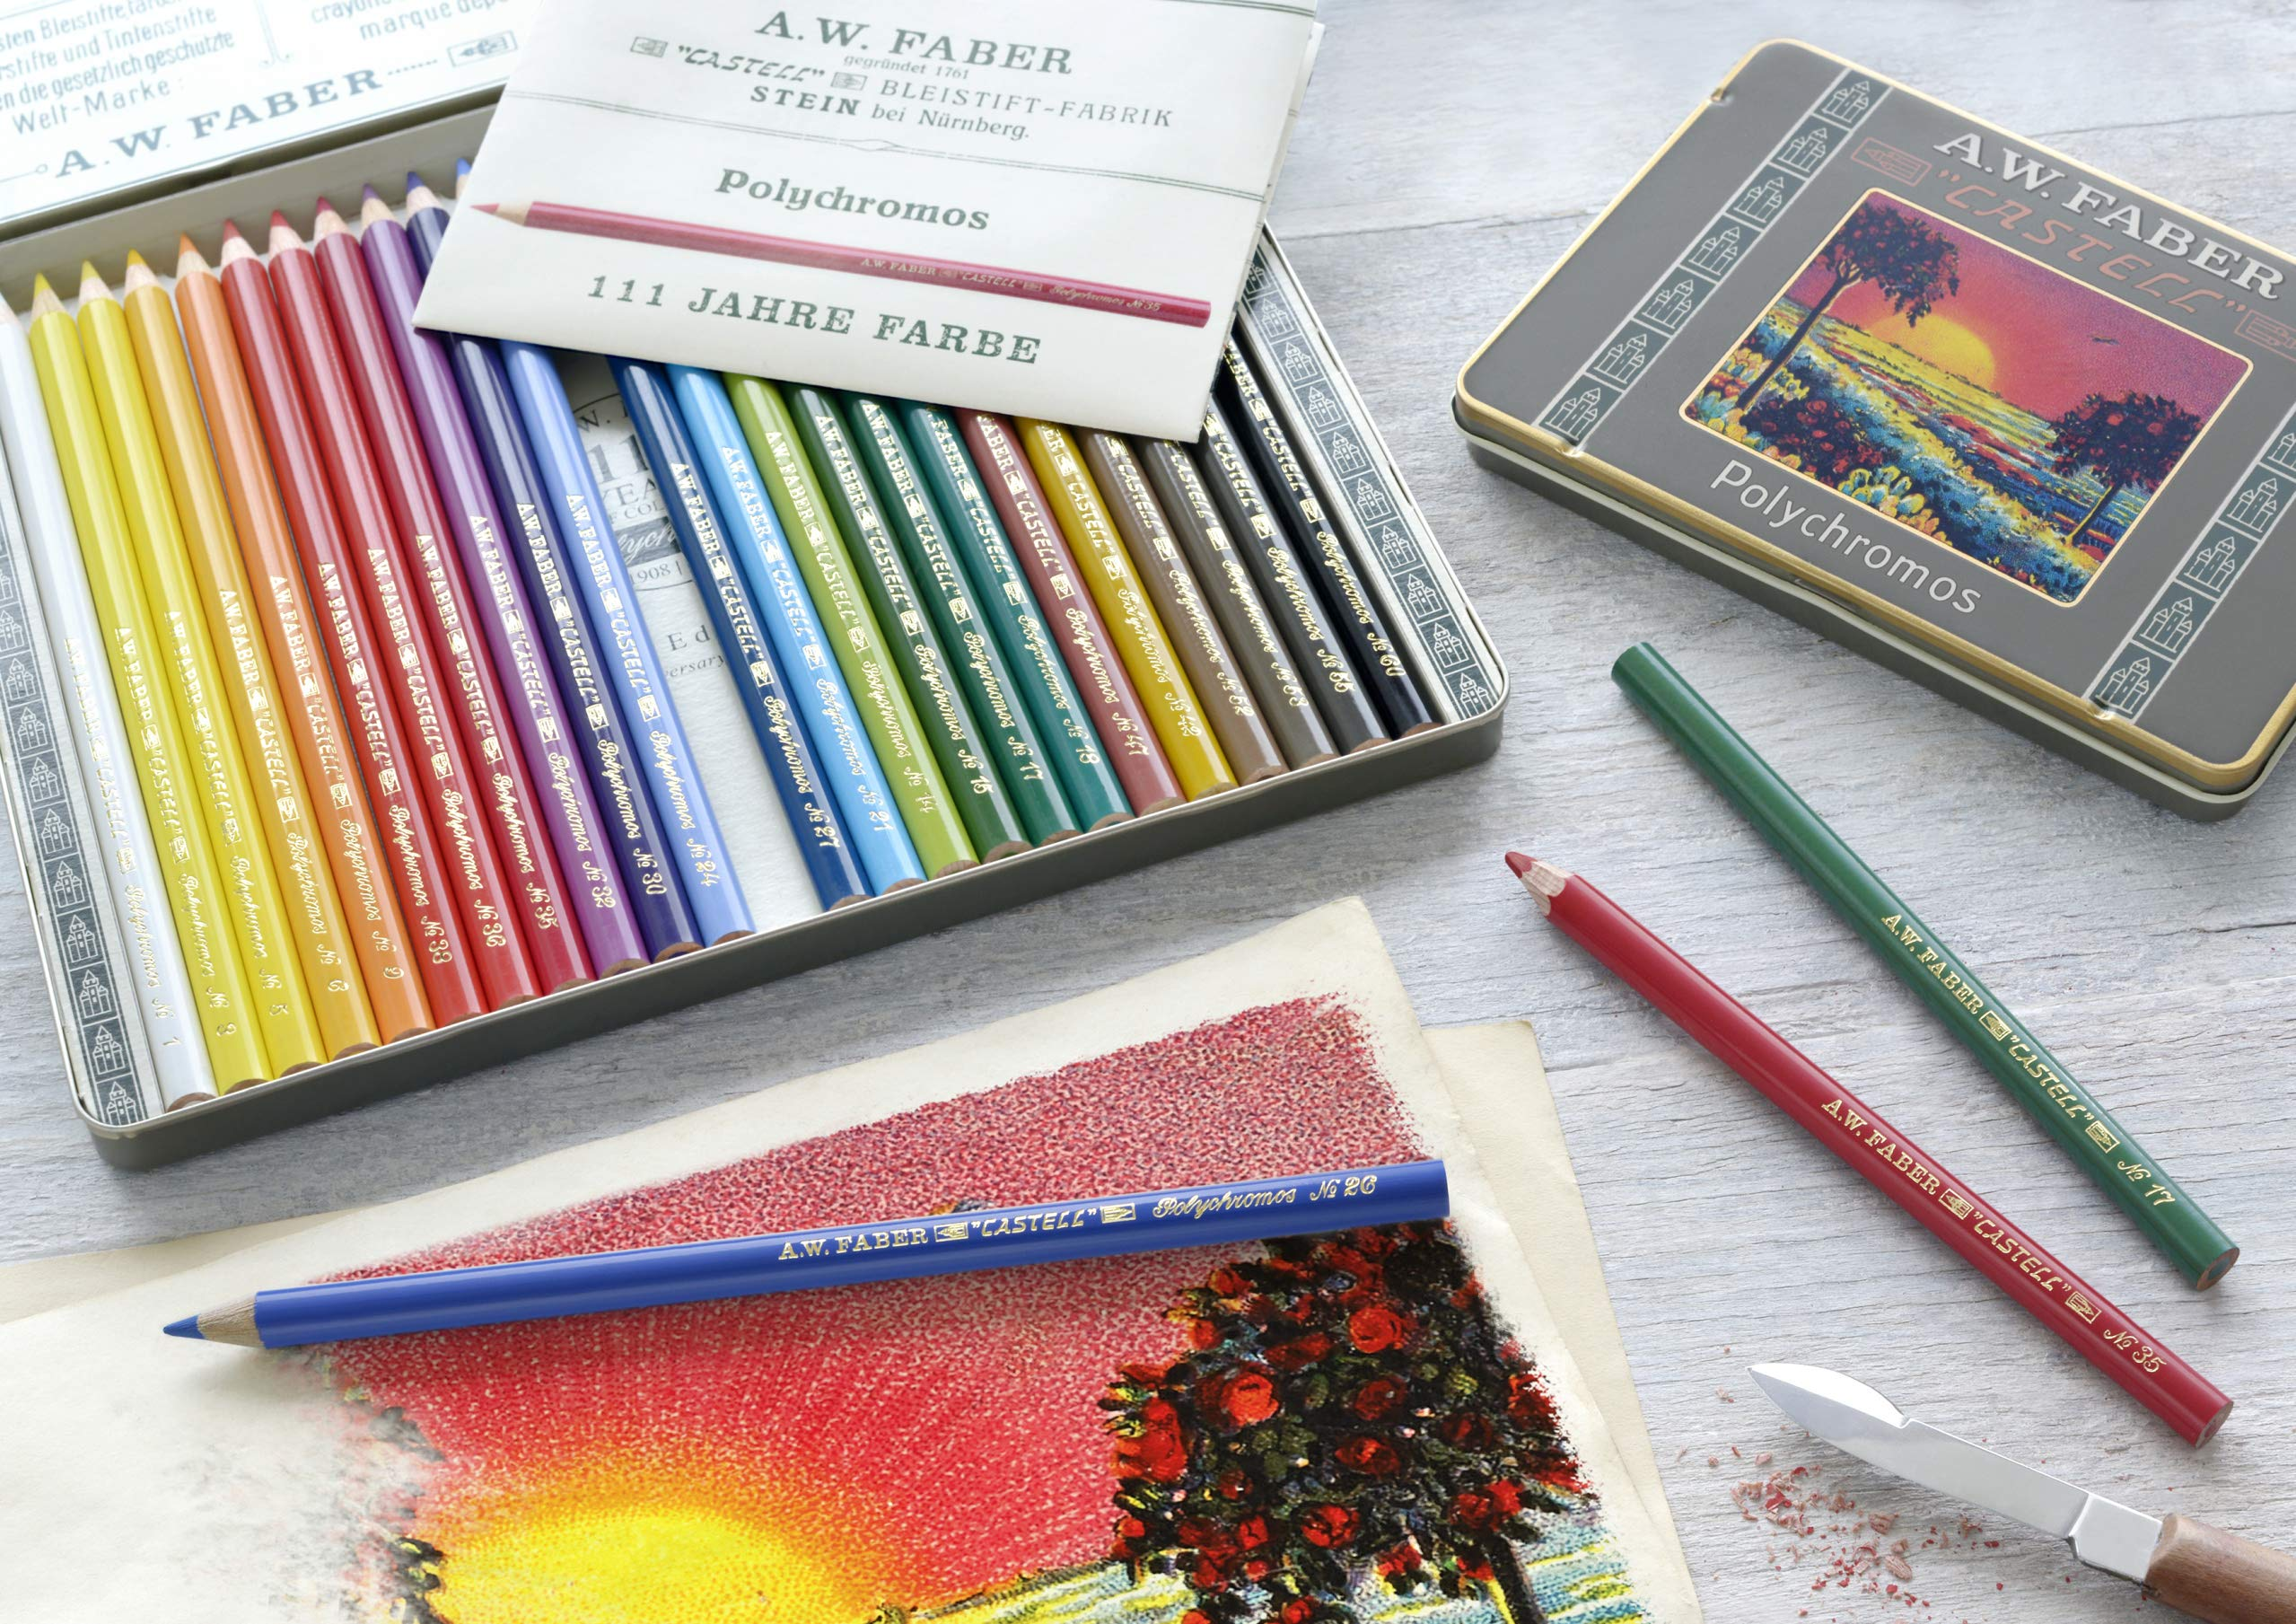 Faber-Castell 211003 - Estuche de metal con 36 lápices de colores Polychromos para artistas edición retro 111 aniversario.: Amazon.es: Oficina y papelería